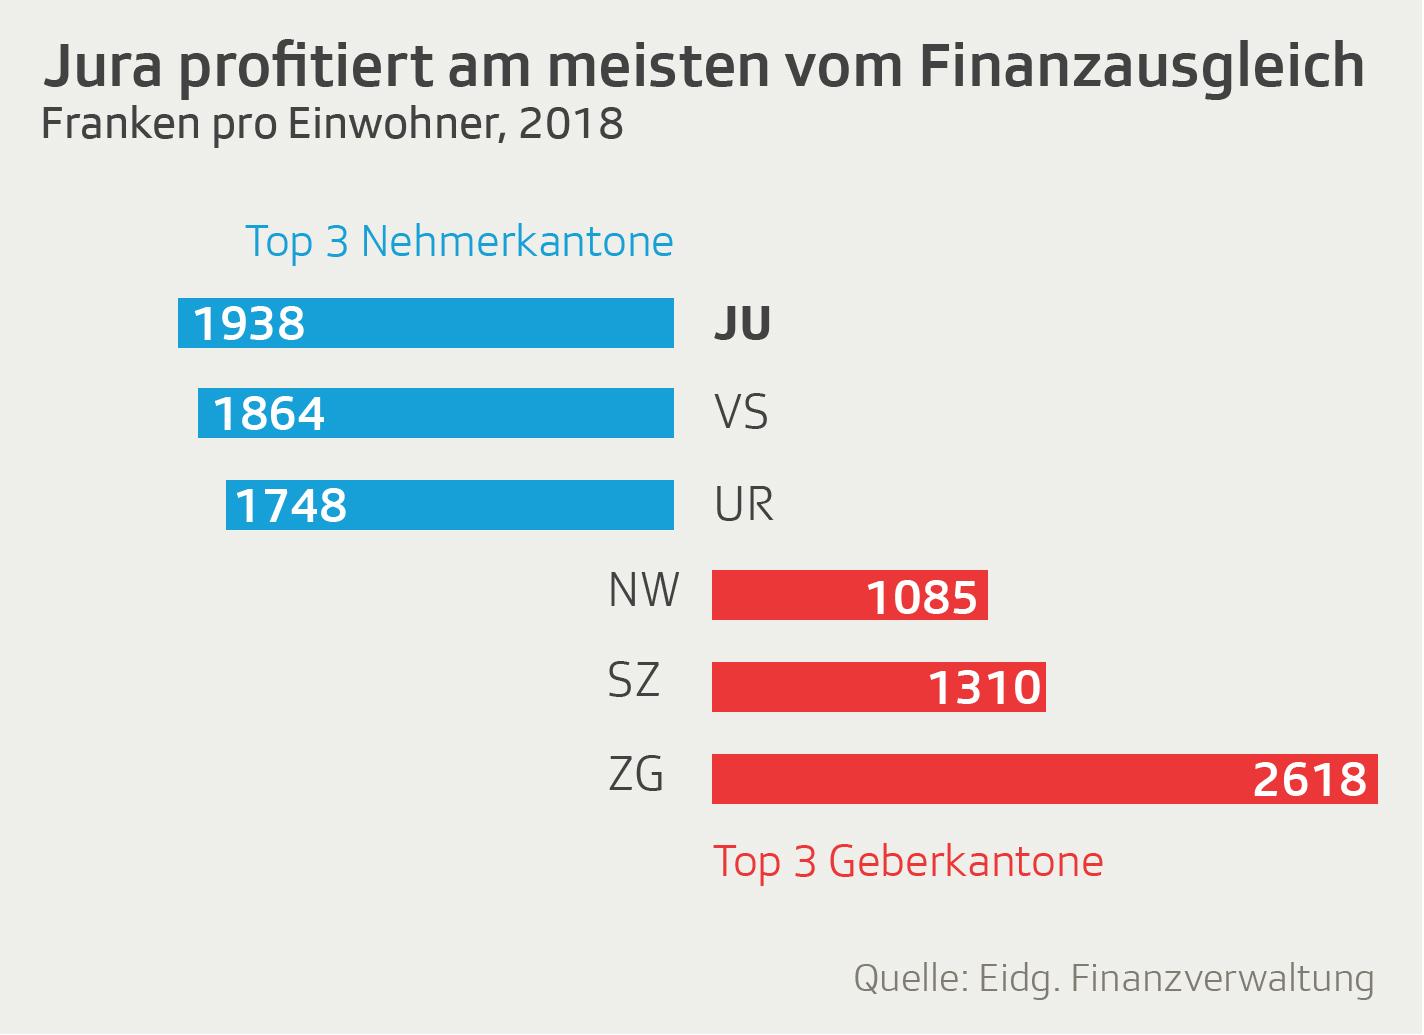 Grafik: Finanzausgleich Vergleich Jura